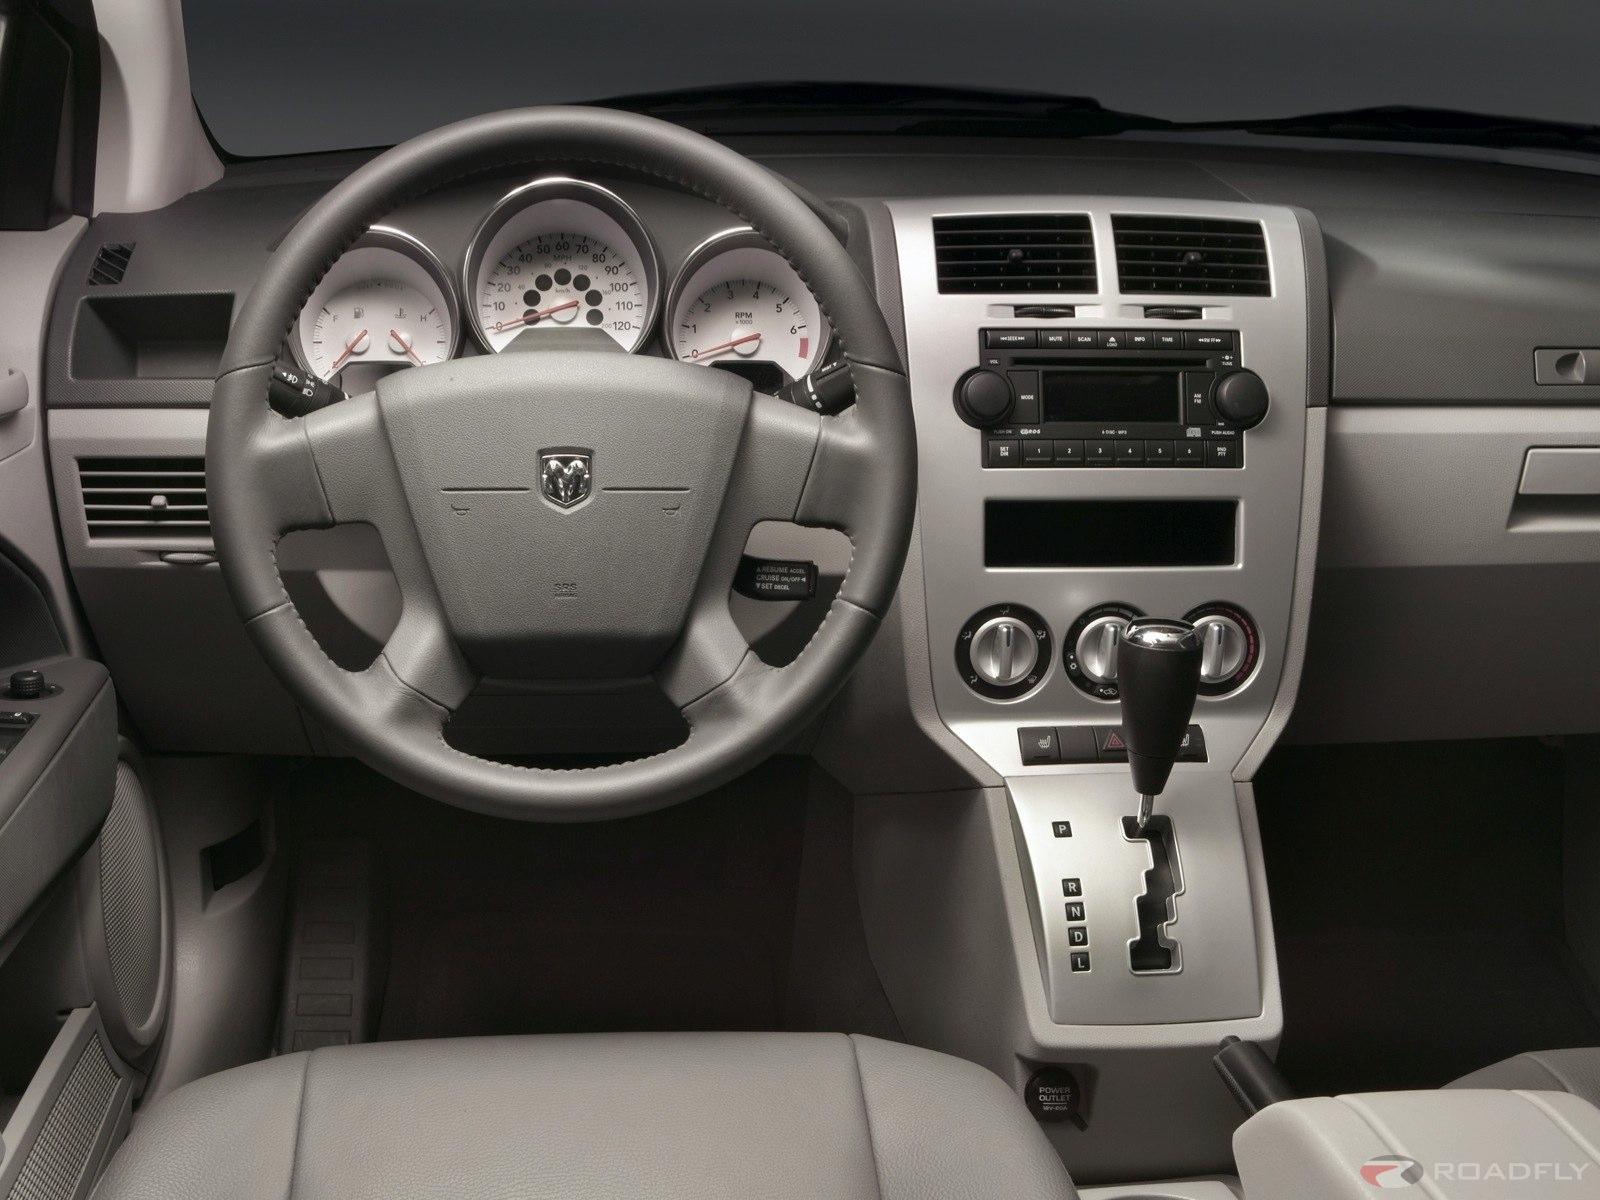 Fuse Box Location On 2010 Dodge Caliber - Wiring Database